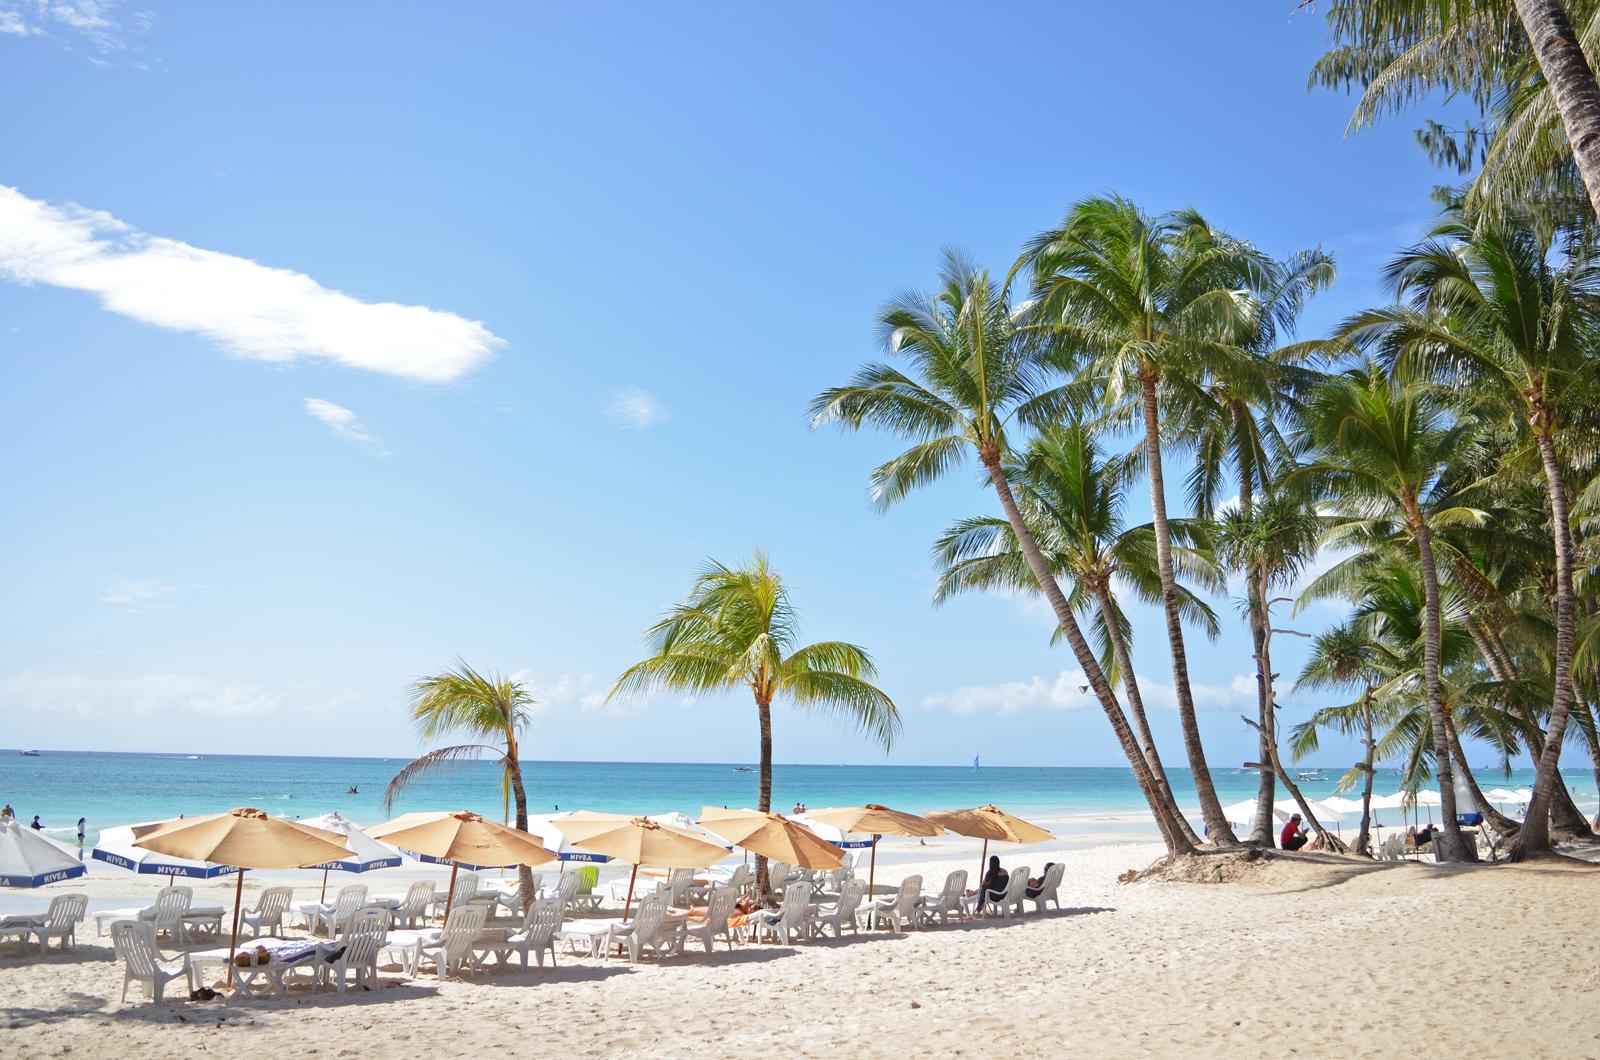 White Beach on Boracay